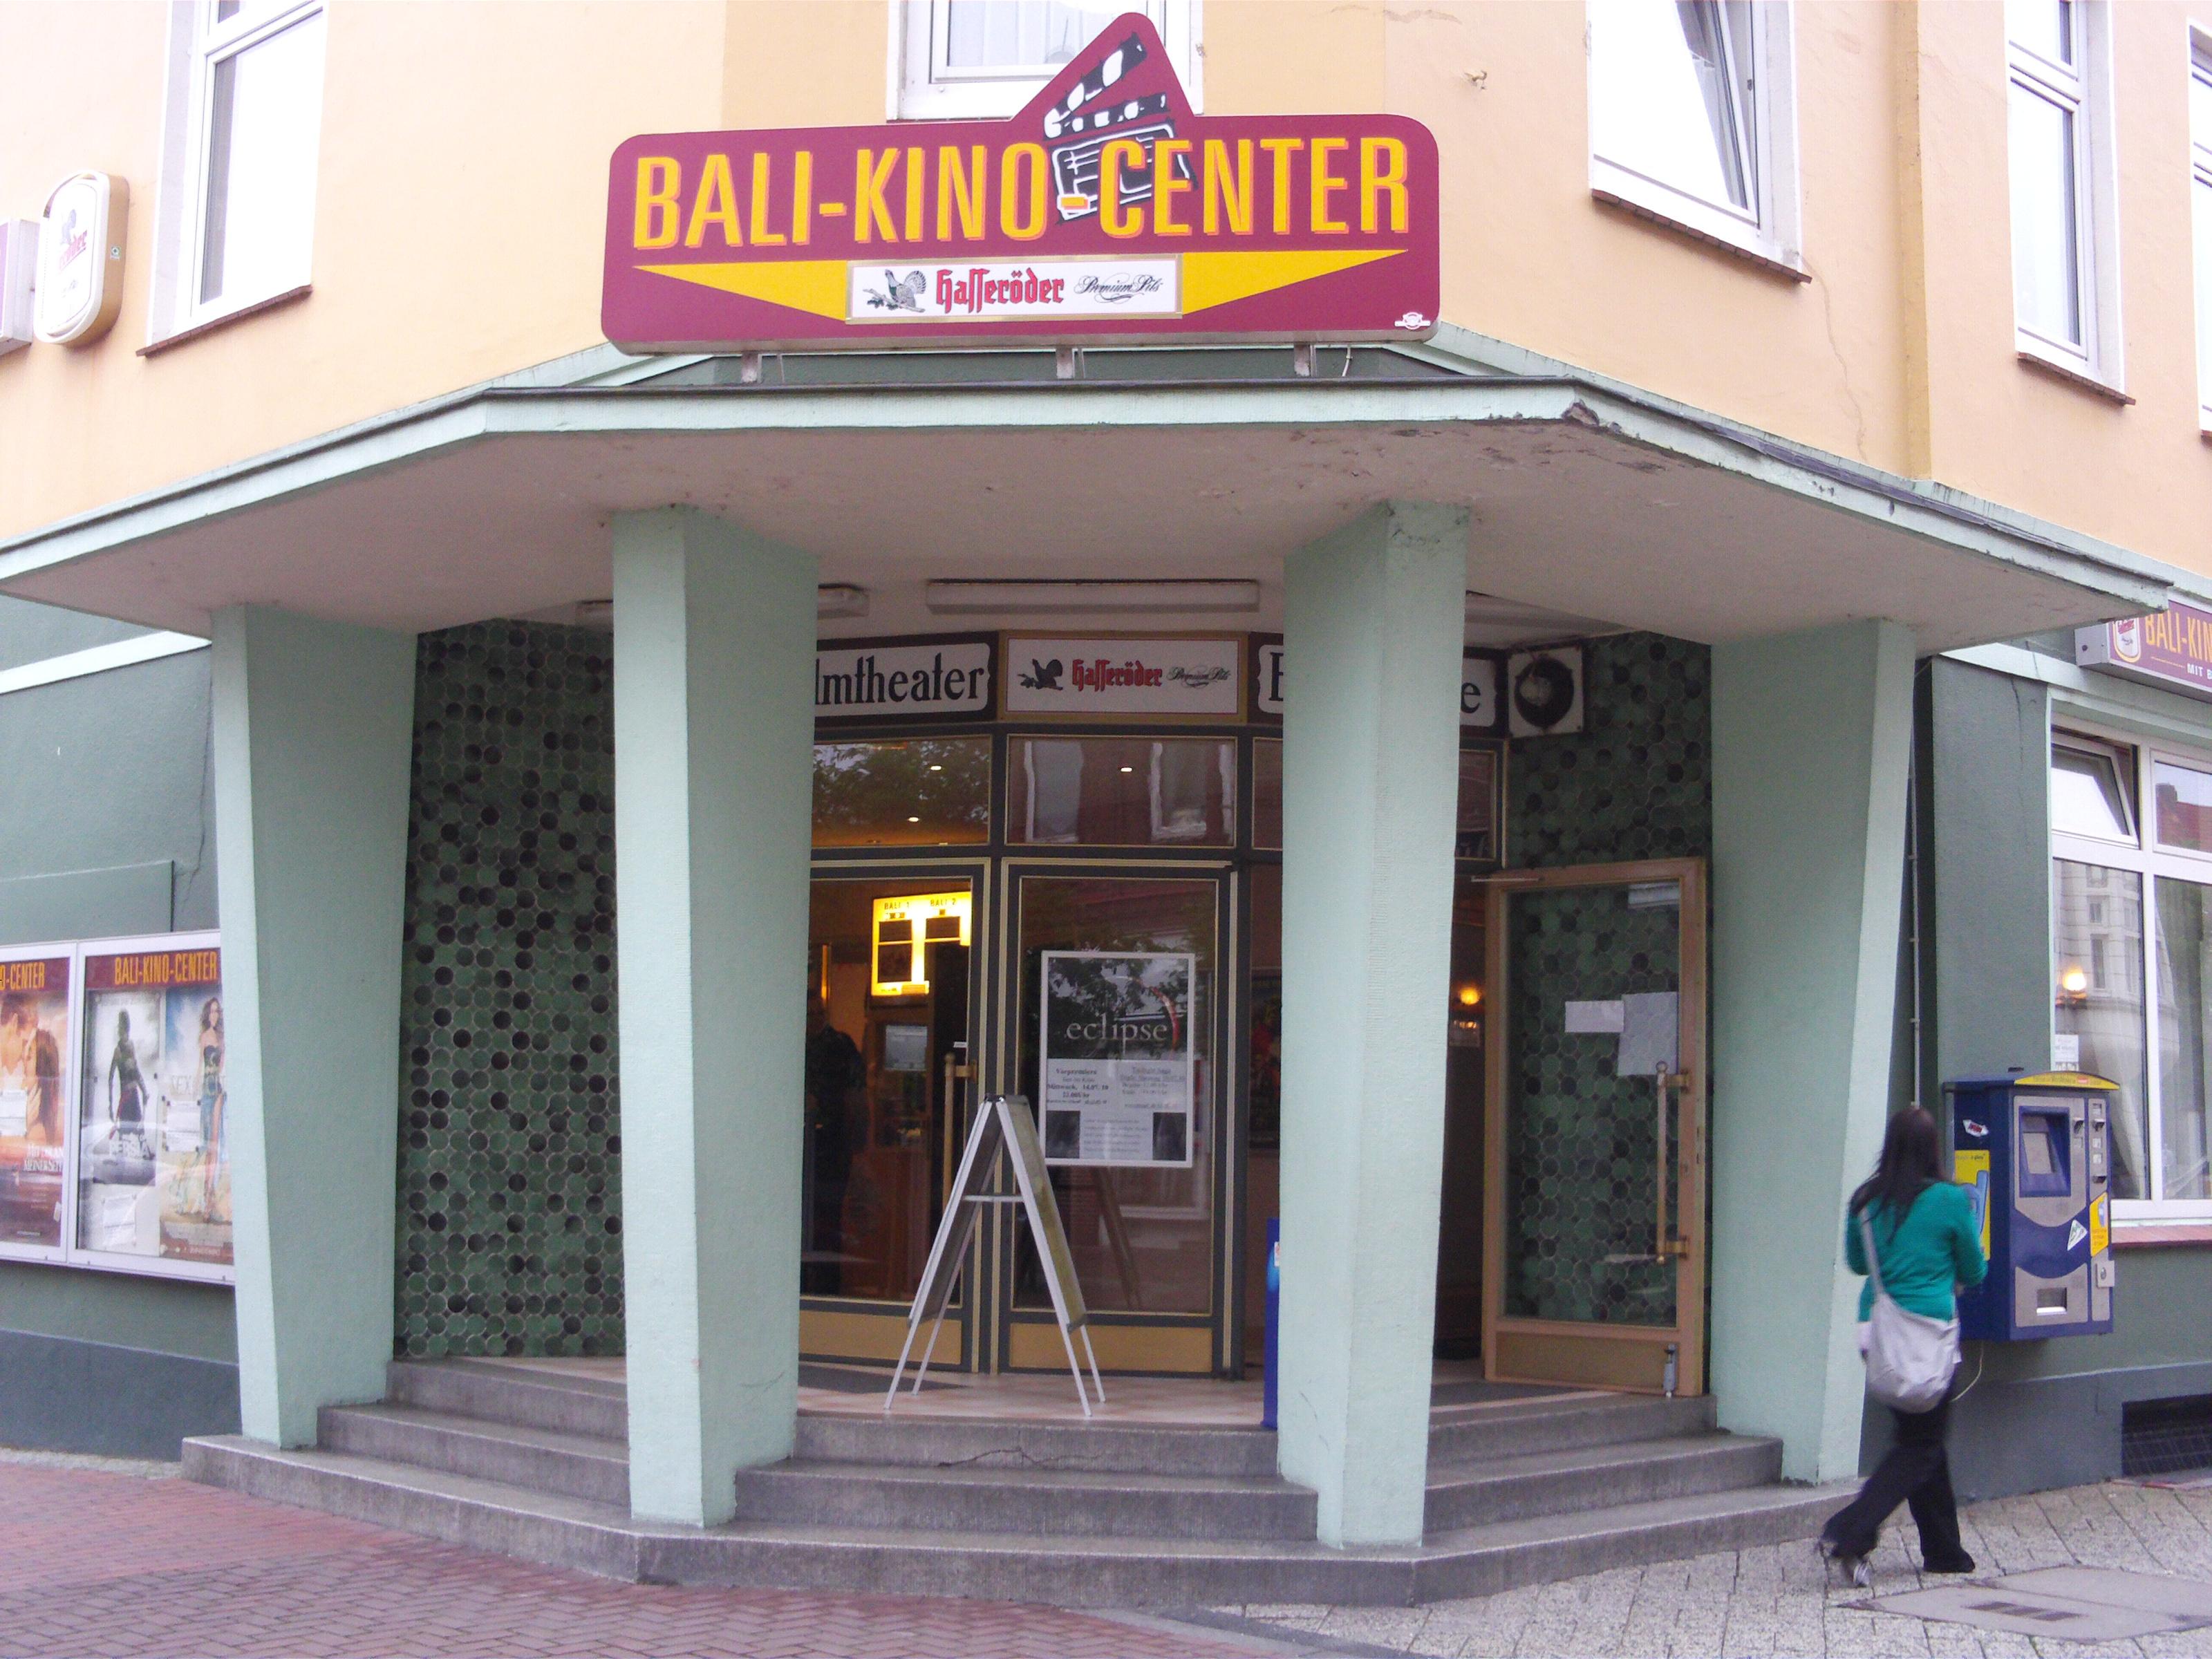 Balikino Cuxhaven